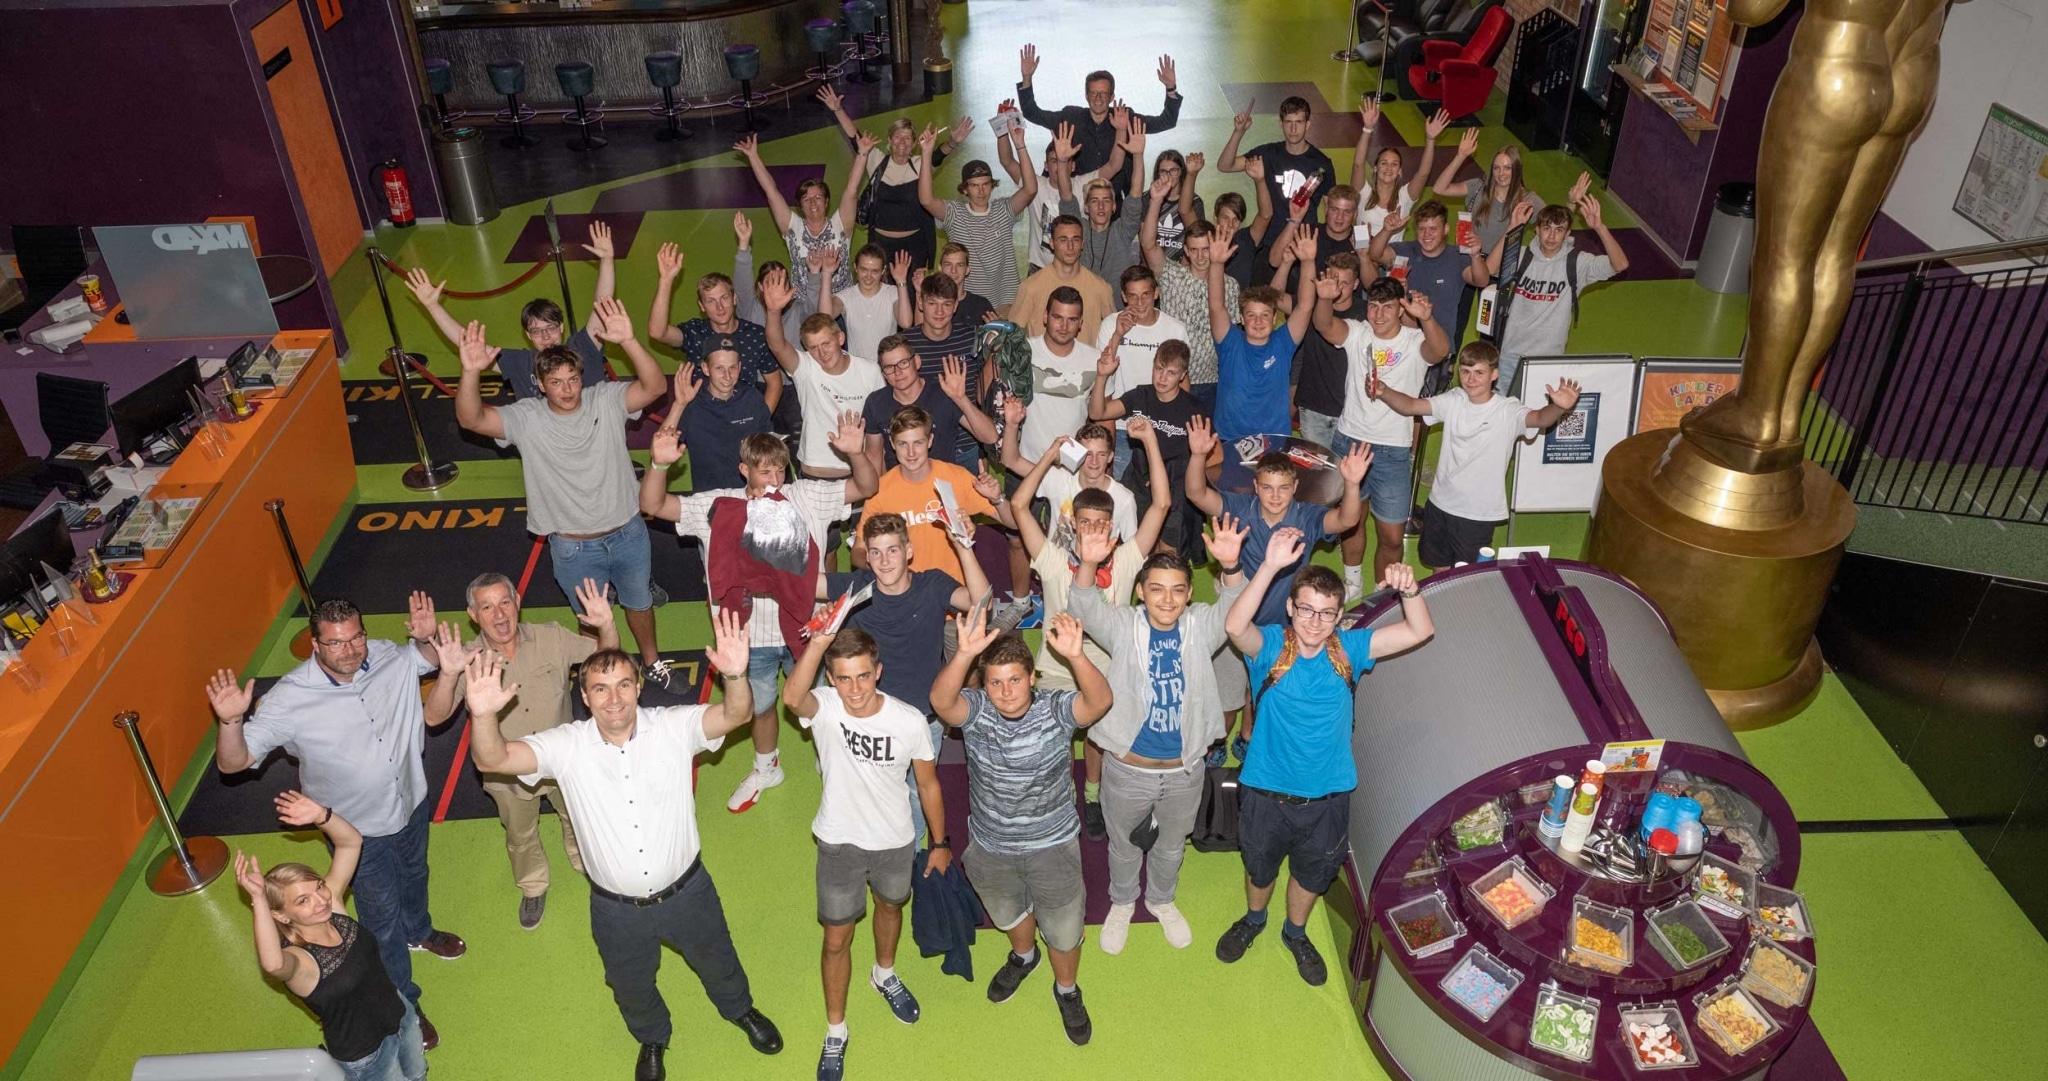 Gruppenfoto der Lehrlinge sowie Geschäftsführung des Lieb Lehrlingstags 2021